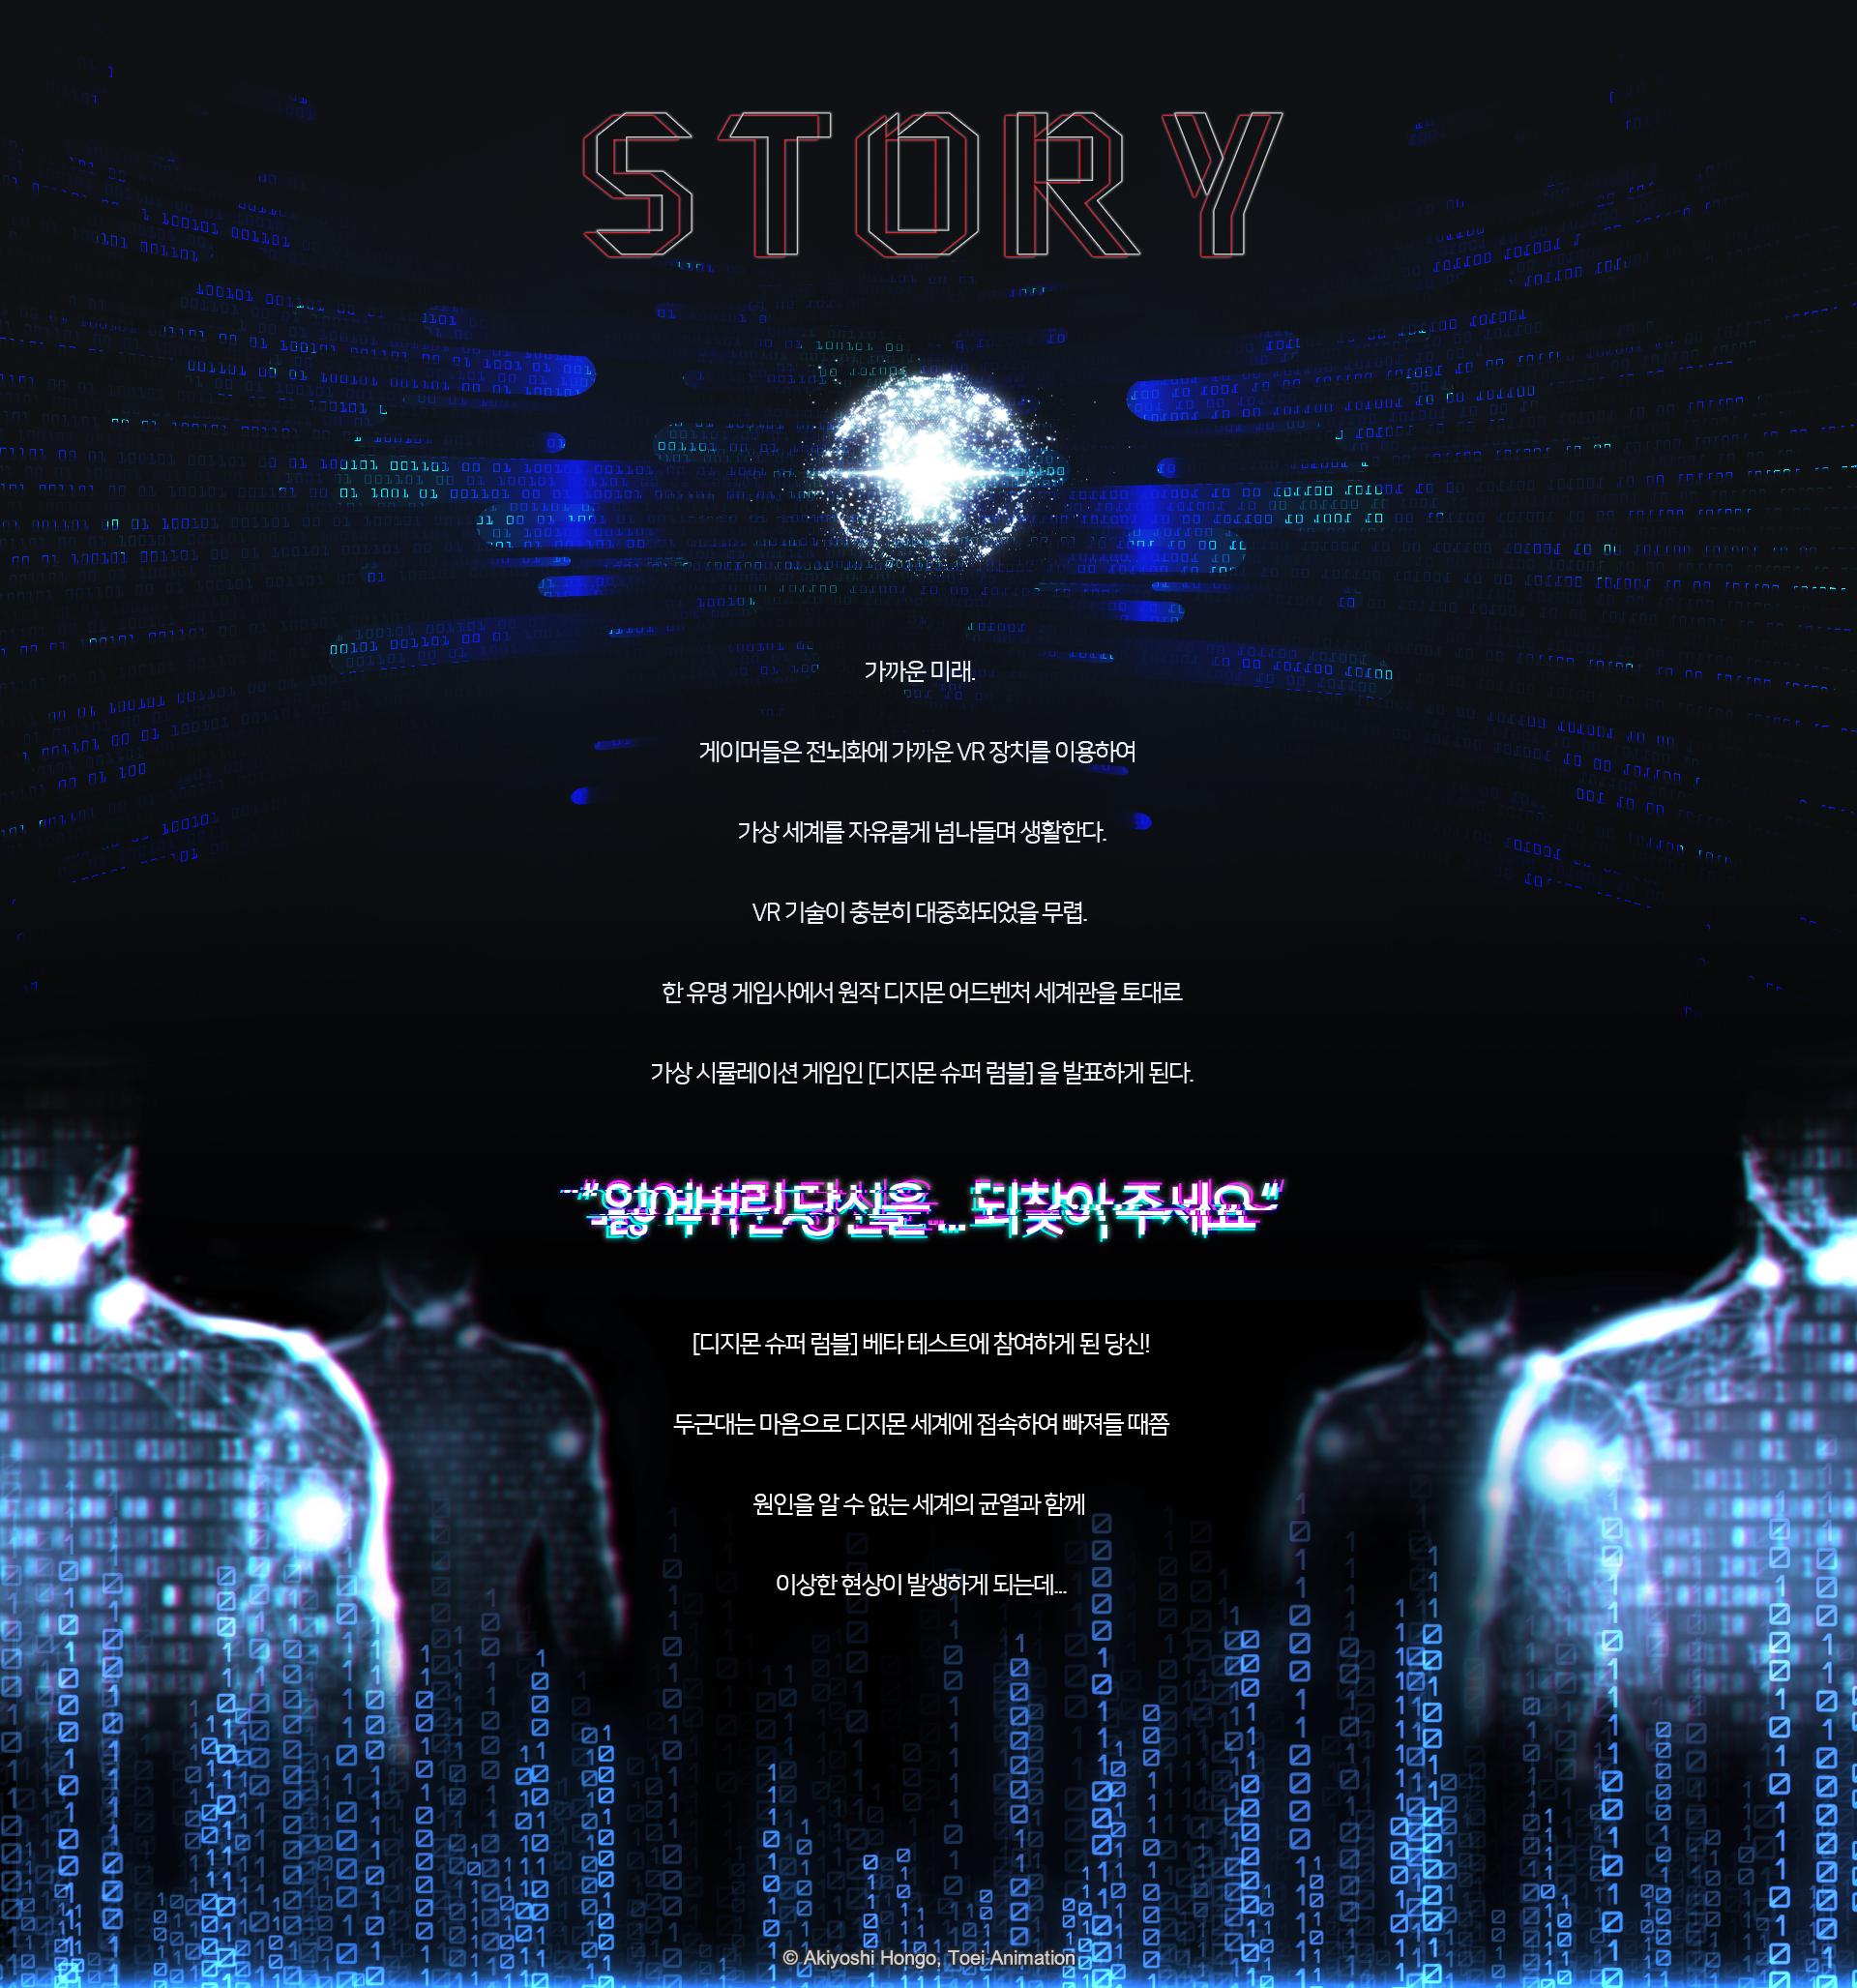 superrumblestory_june8_2021.png